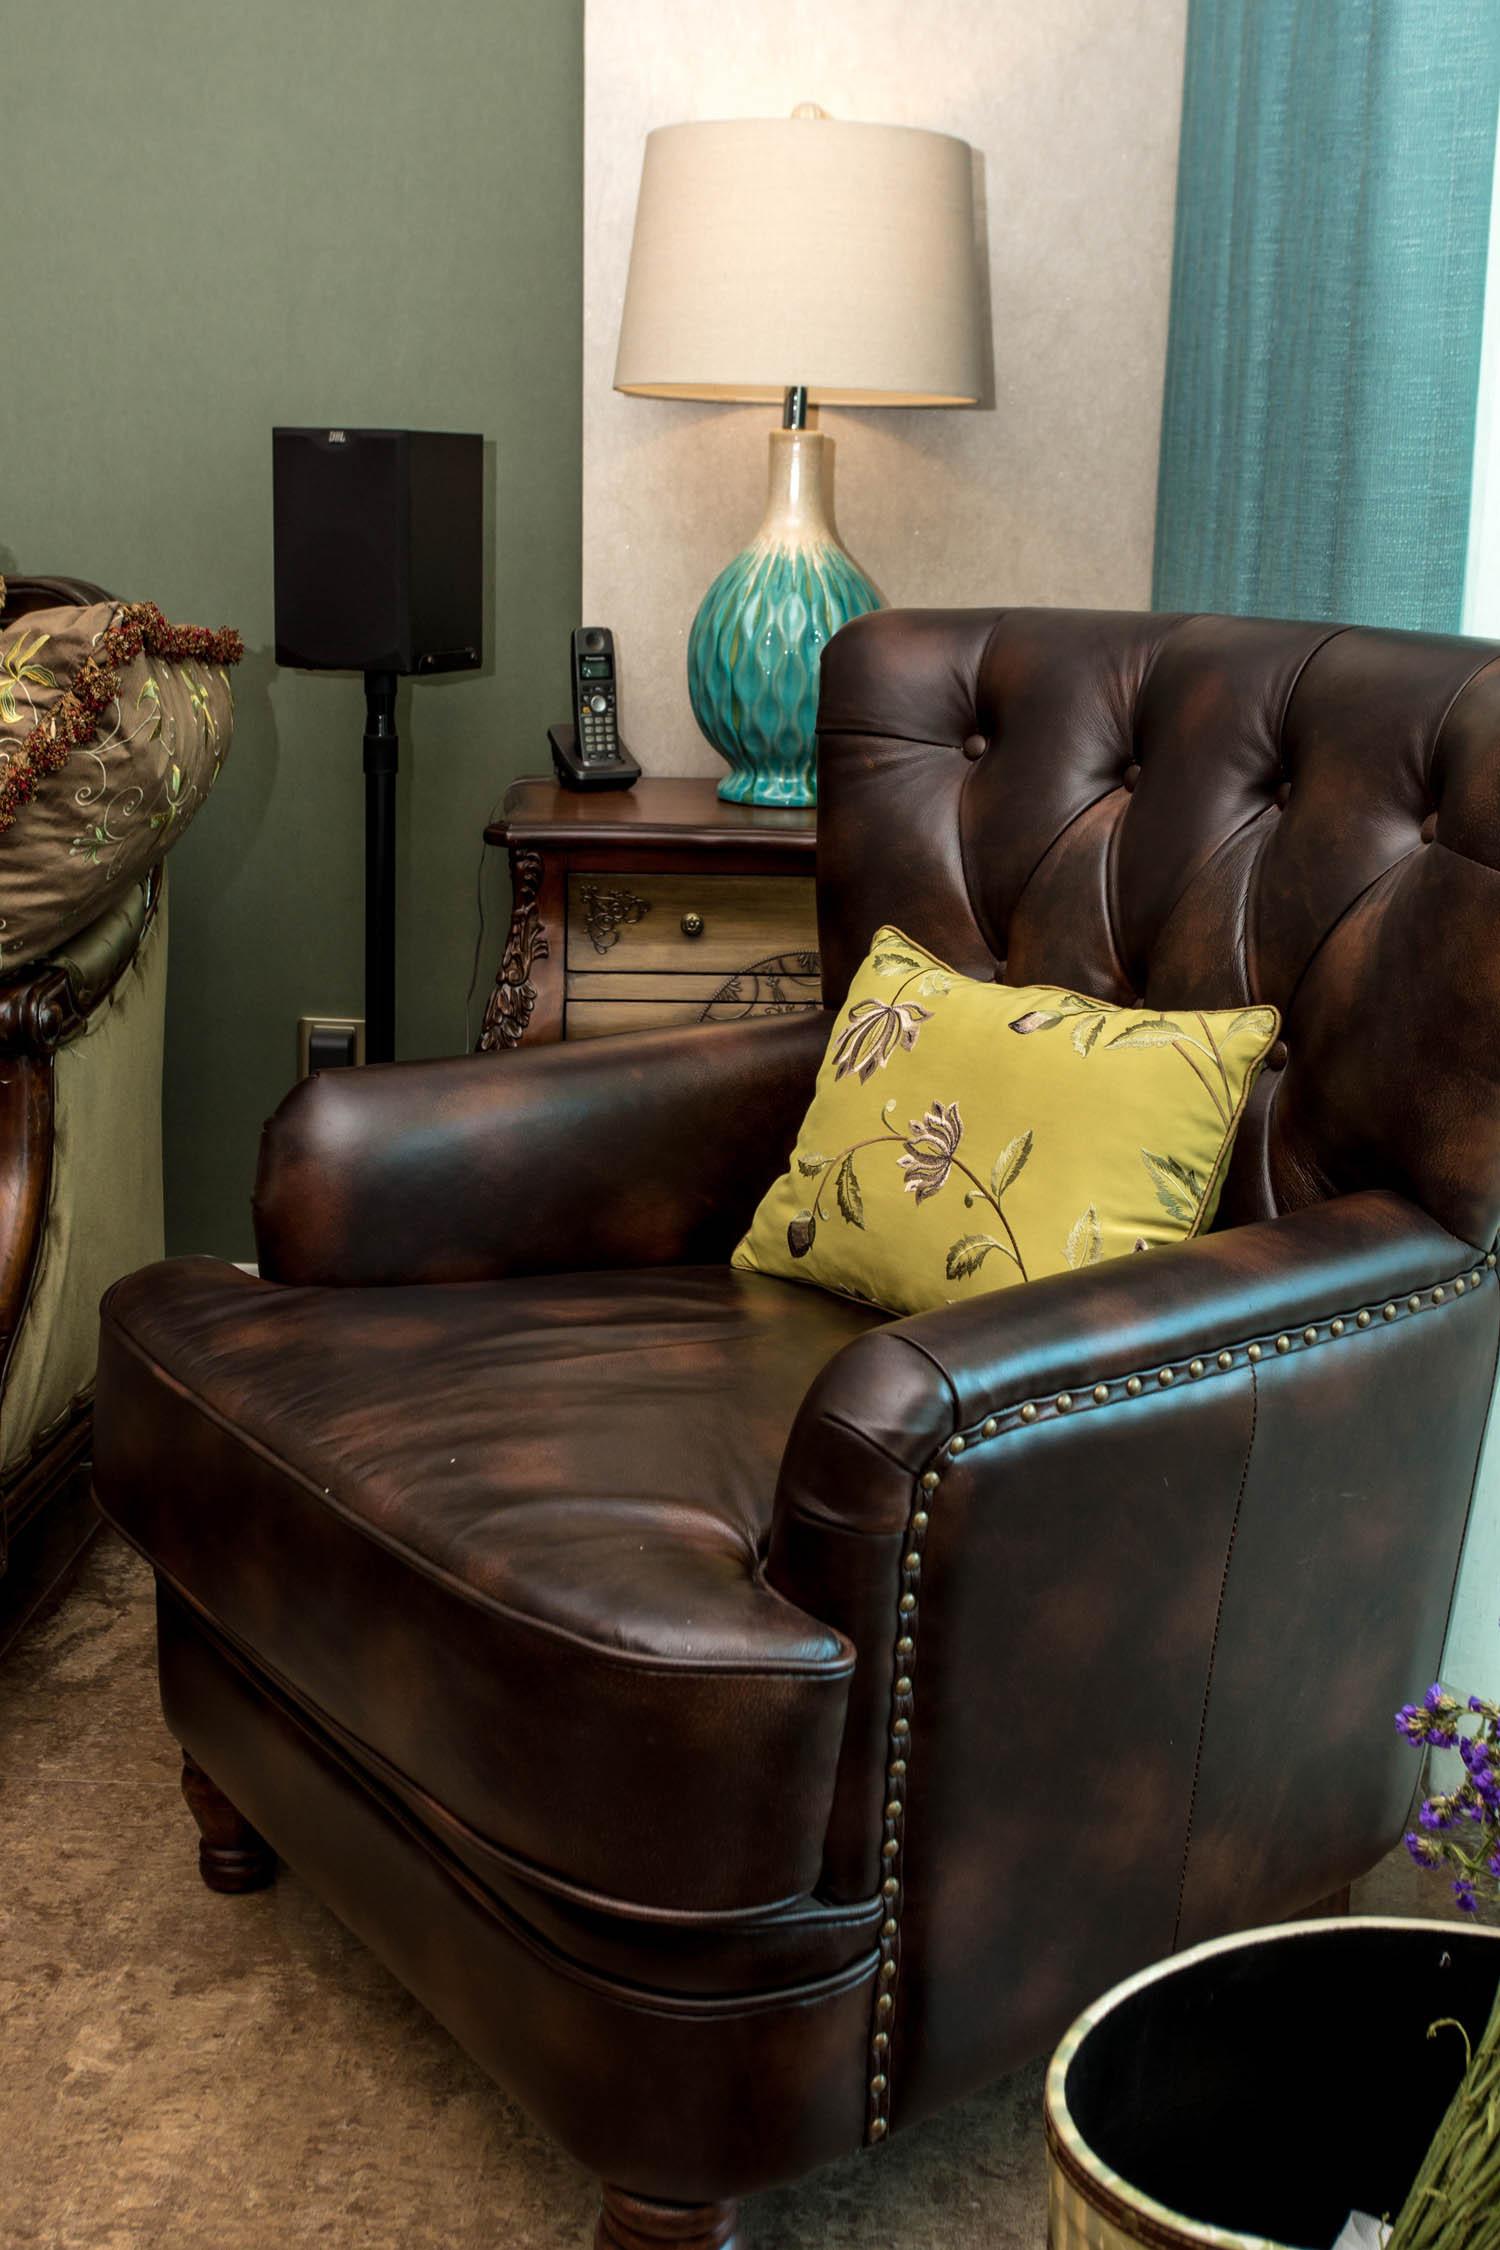 130㎡美式混搭装修单人沙发图片